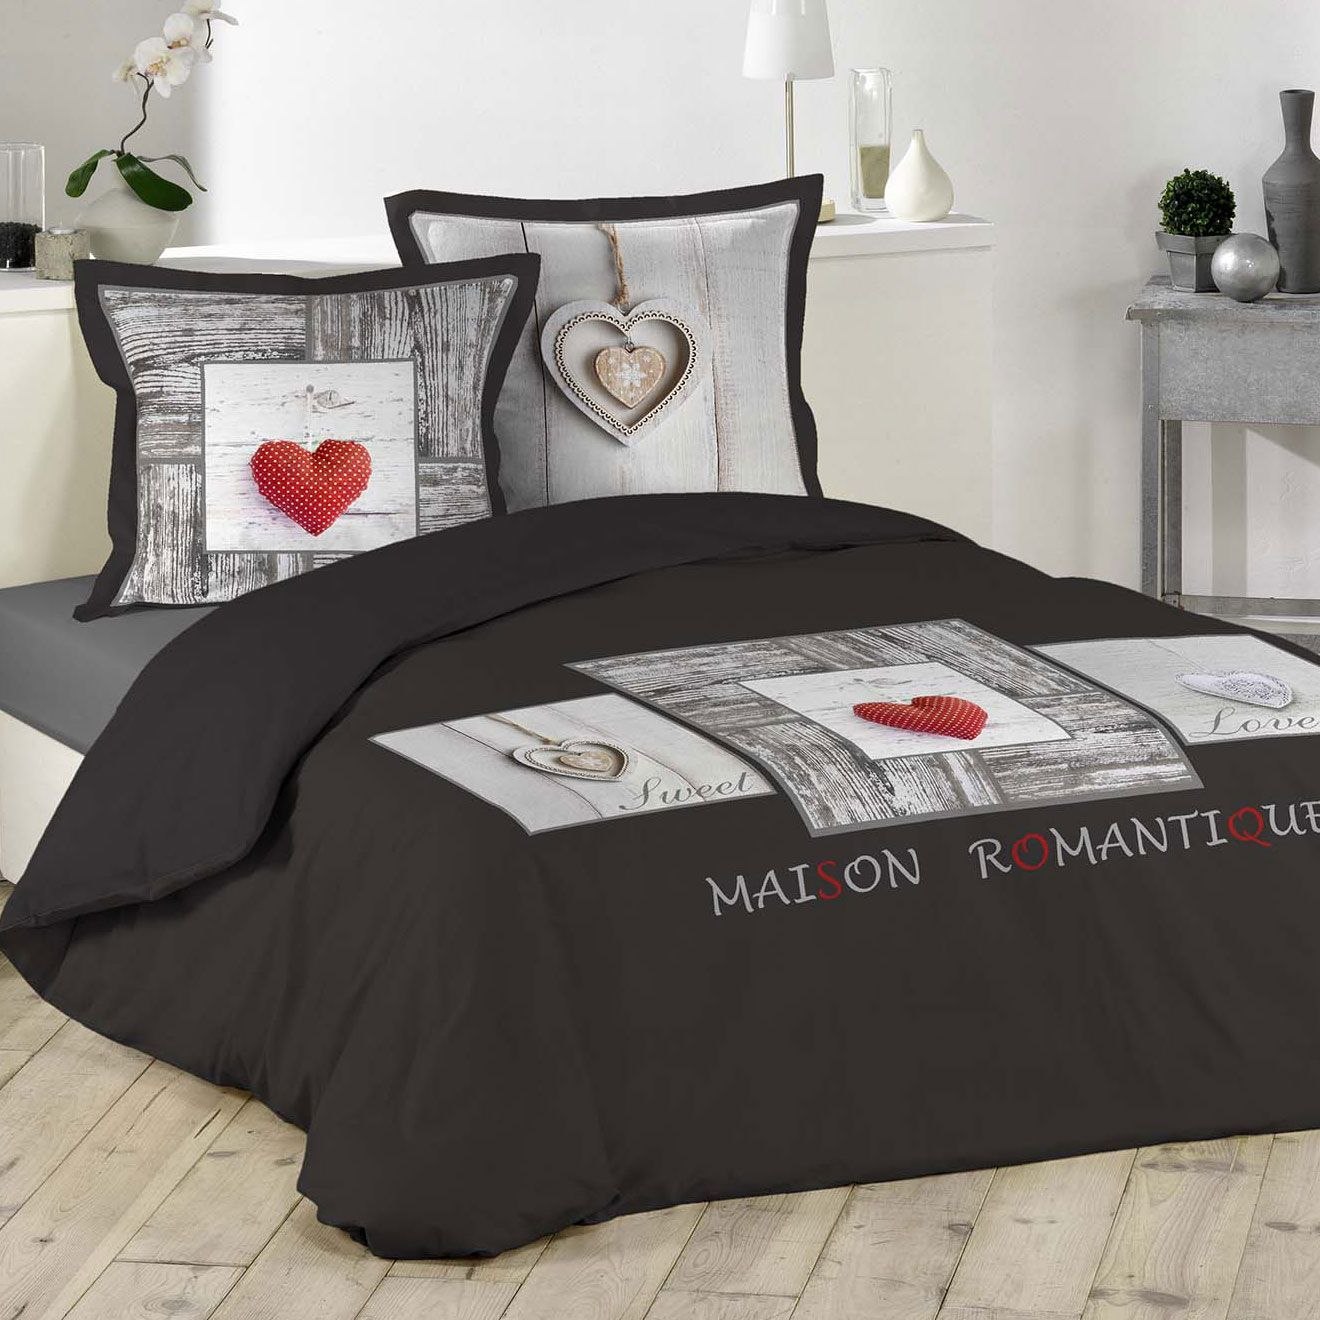 housse de couette et deux taies romantique 100 coton 260 cm gris anthracite housse de. Black Bedroom Furniture Sets. Home Design Ideas